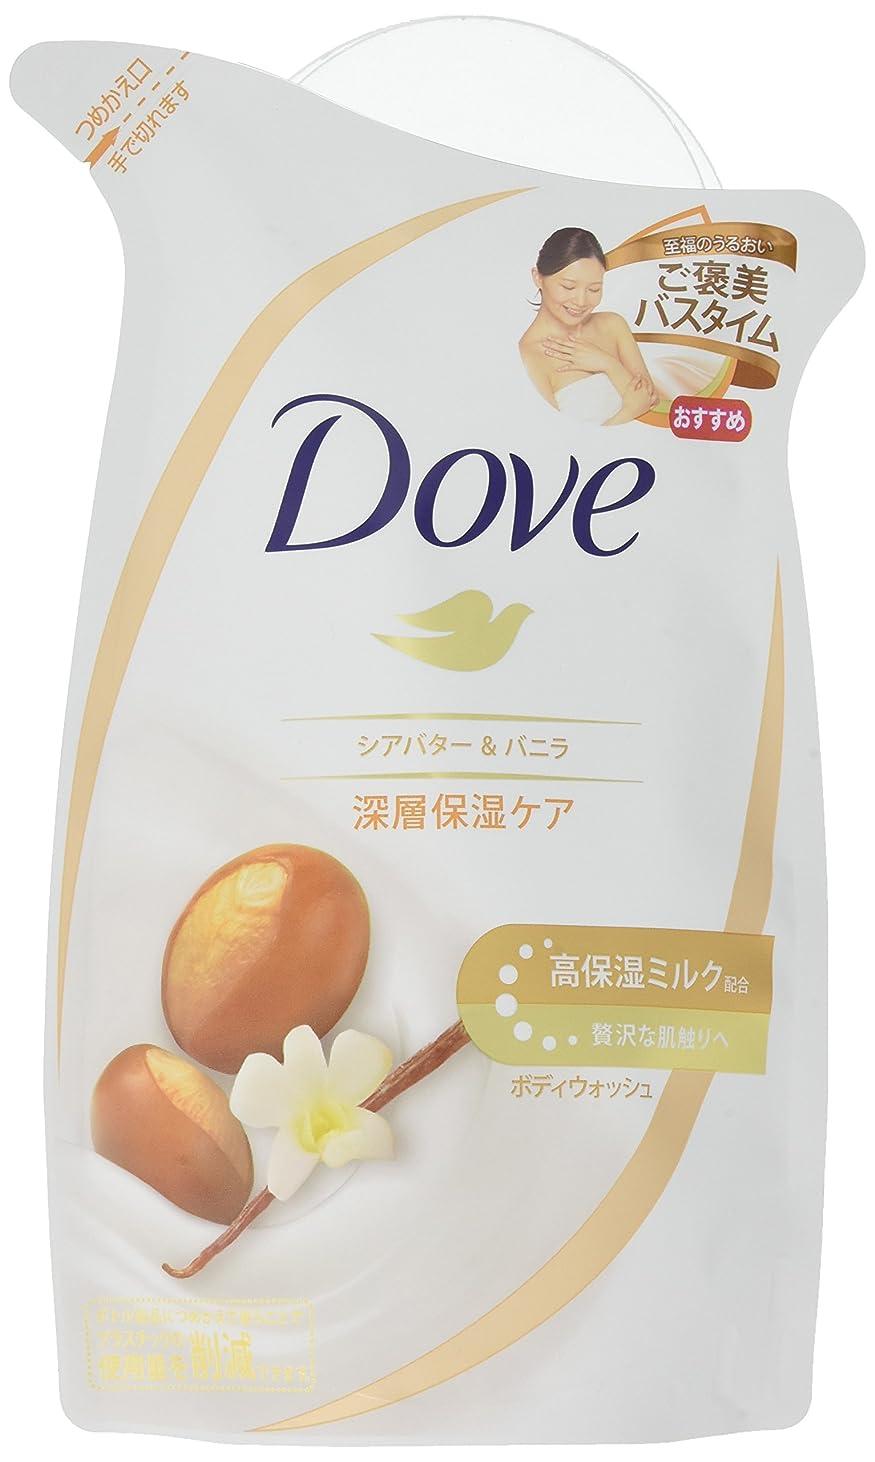 シガレット反映する状態Dove ダヴ ボディウォッシュ シアバター & バニラ つめかえ用 340g×4個